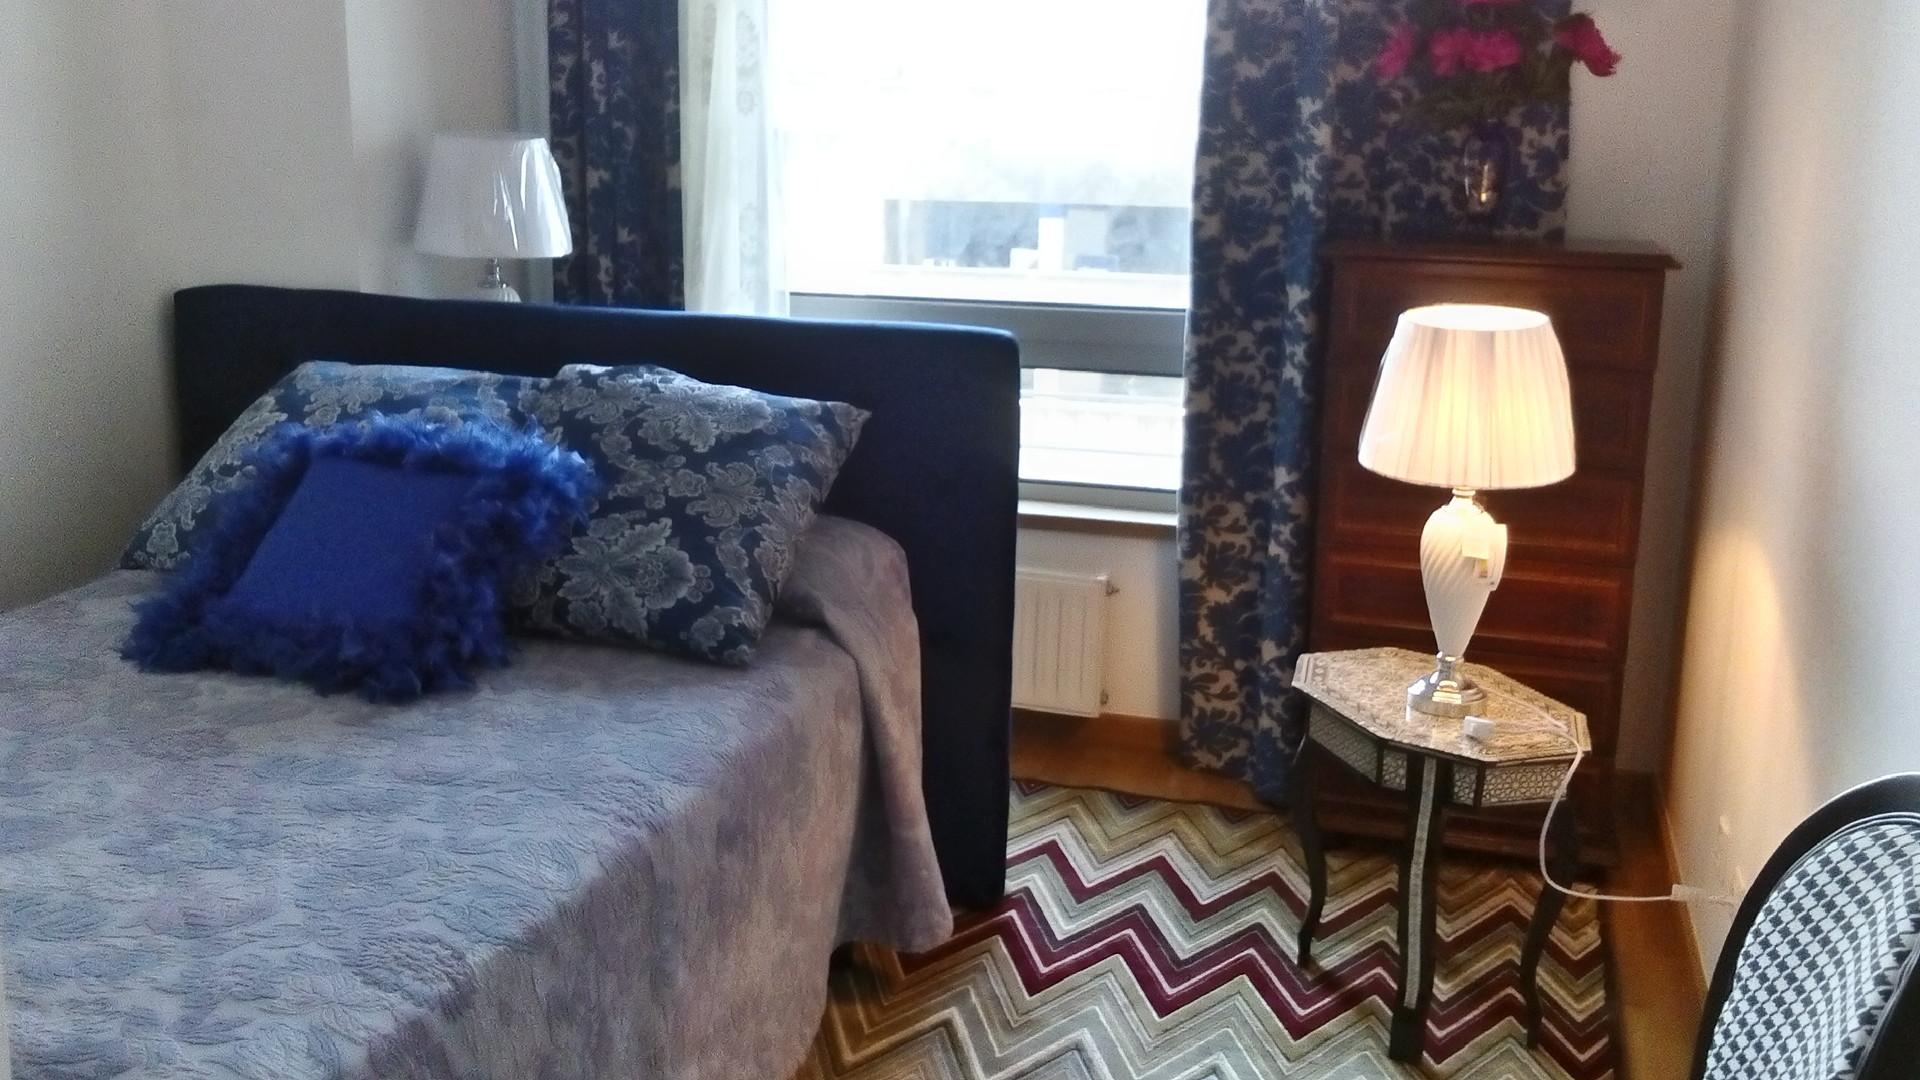 room-new-flat-expo-lisbon-34474635f72d94774c3385060d97cd75